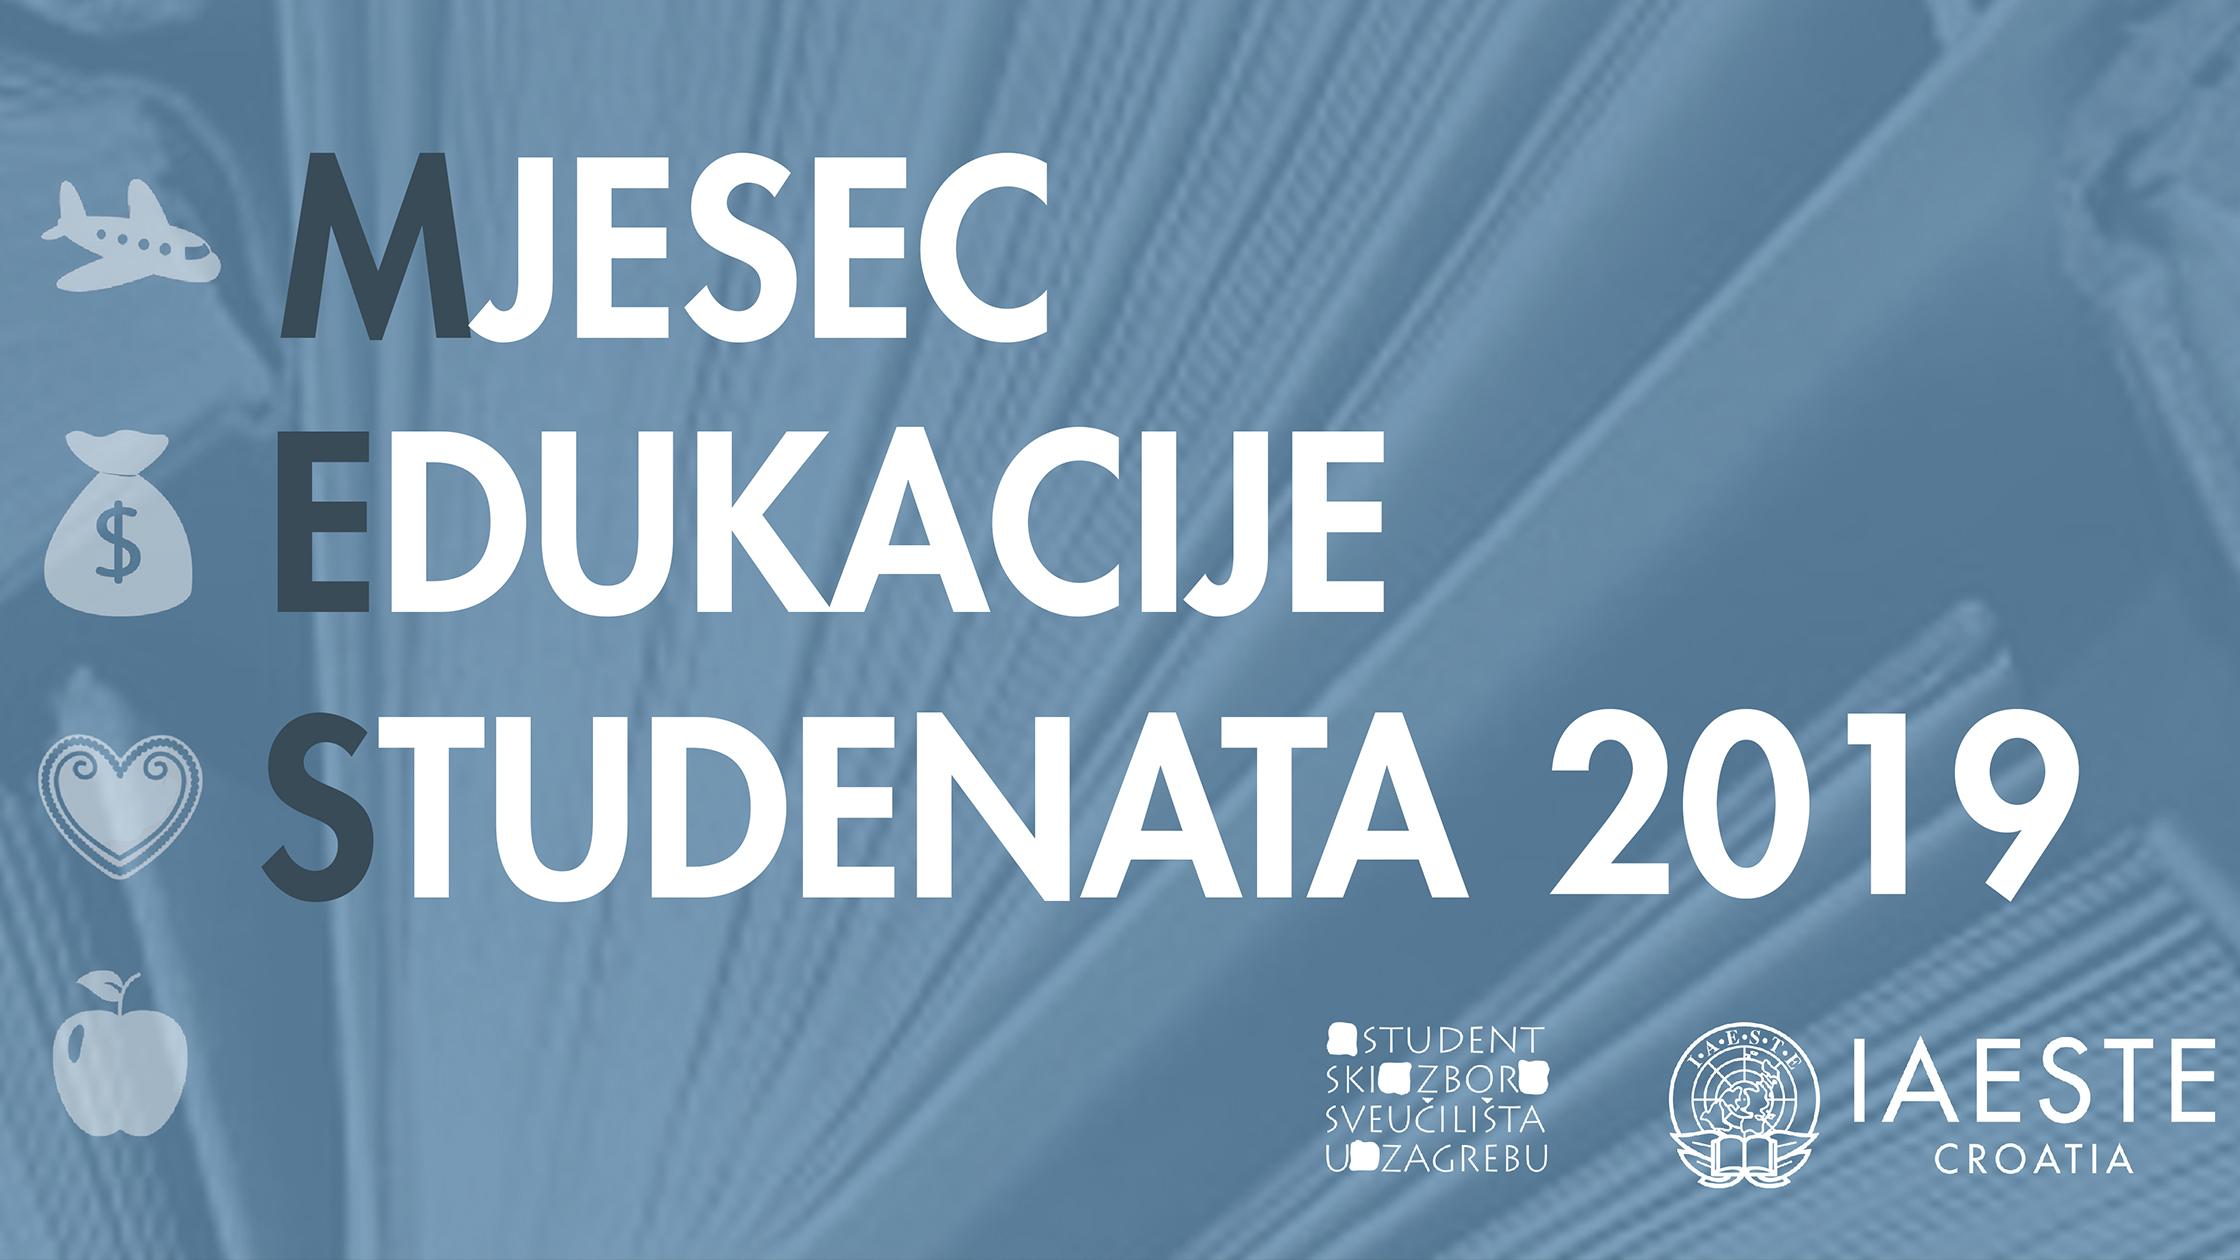 Mjesec edukacije studenata u Zagrebu 2019